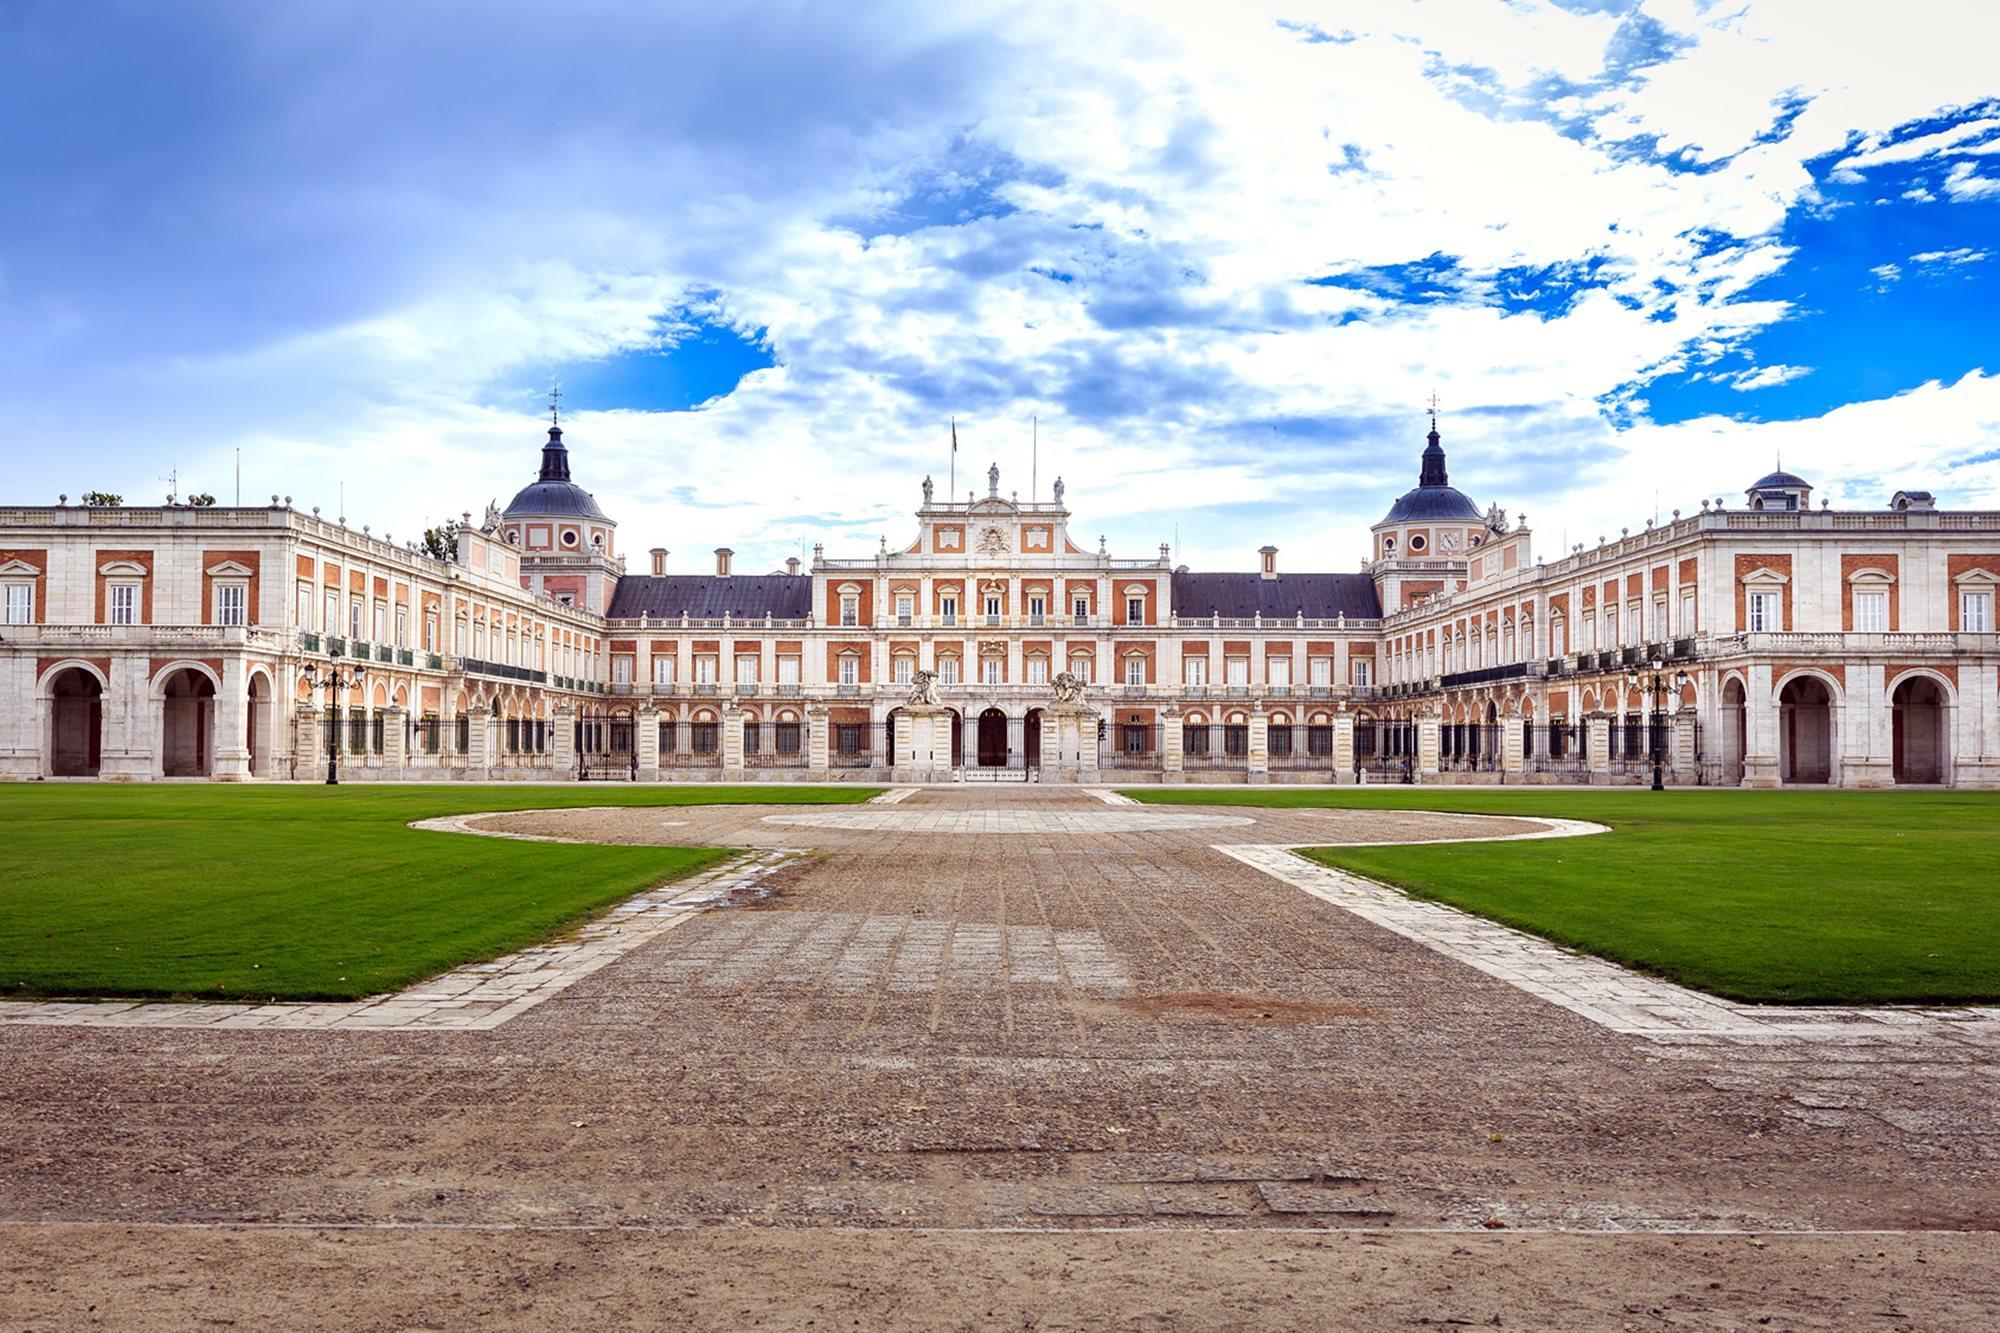 Plaza frente al Palacio Real